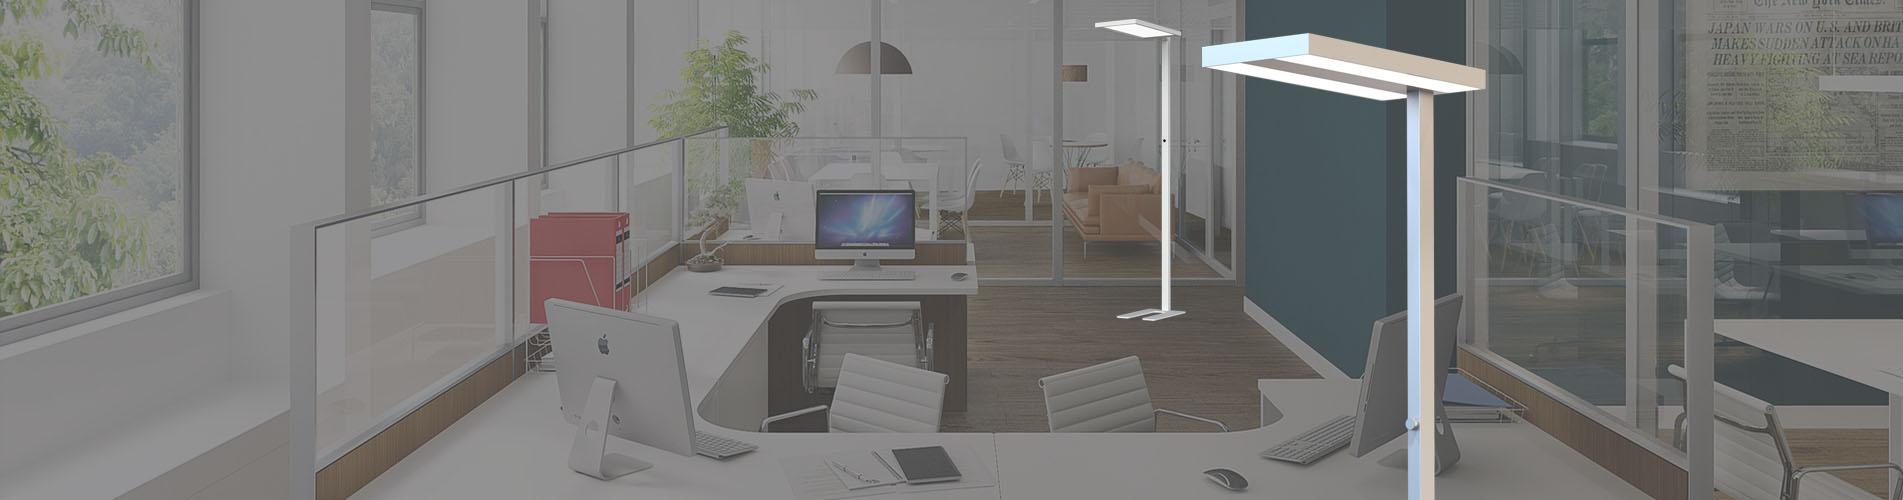 office-floor-table